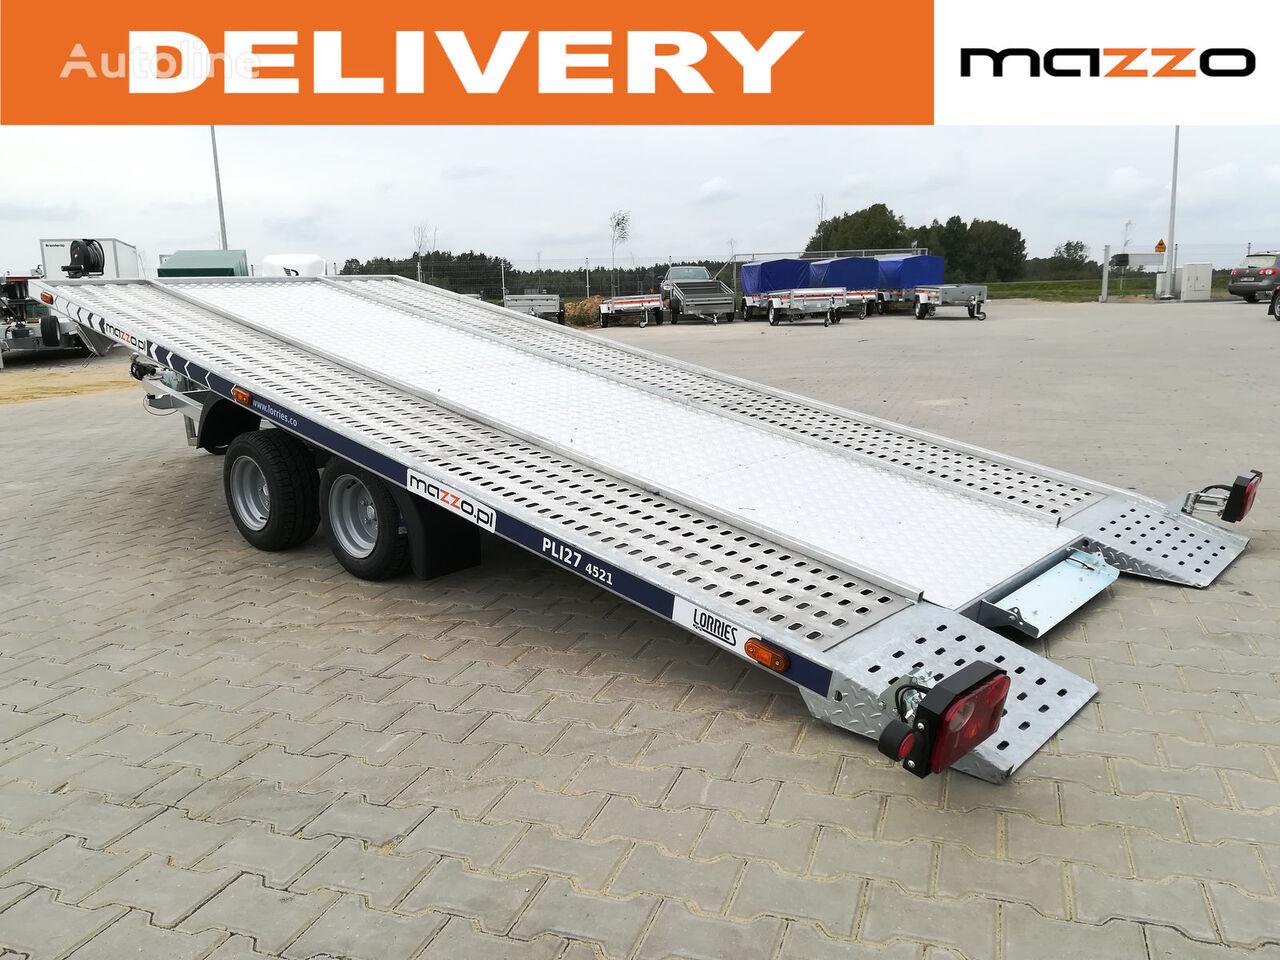 nový přívěs autotransportér  PLI30-5021 500x210cm